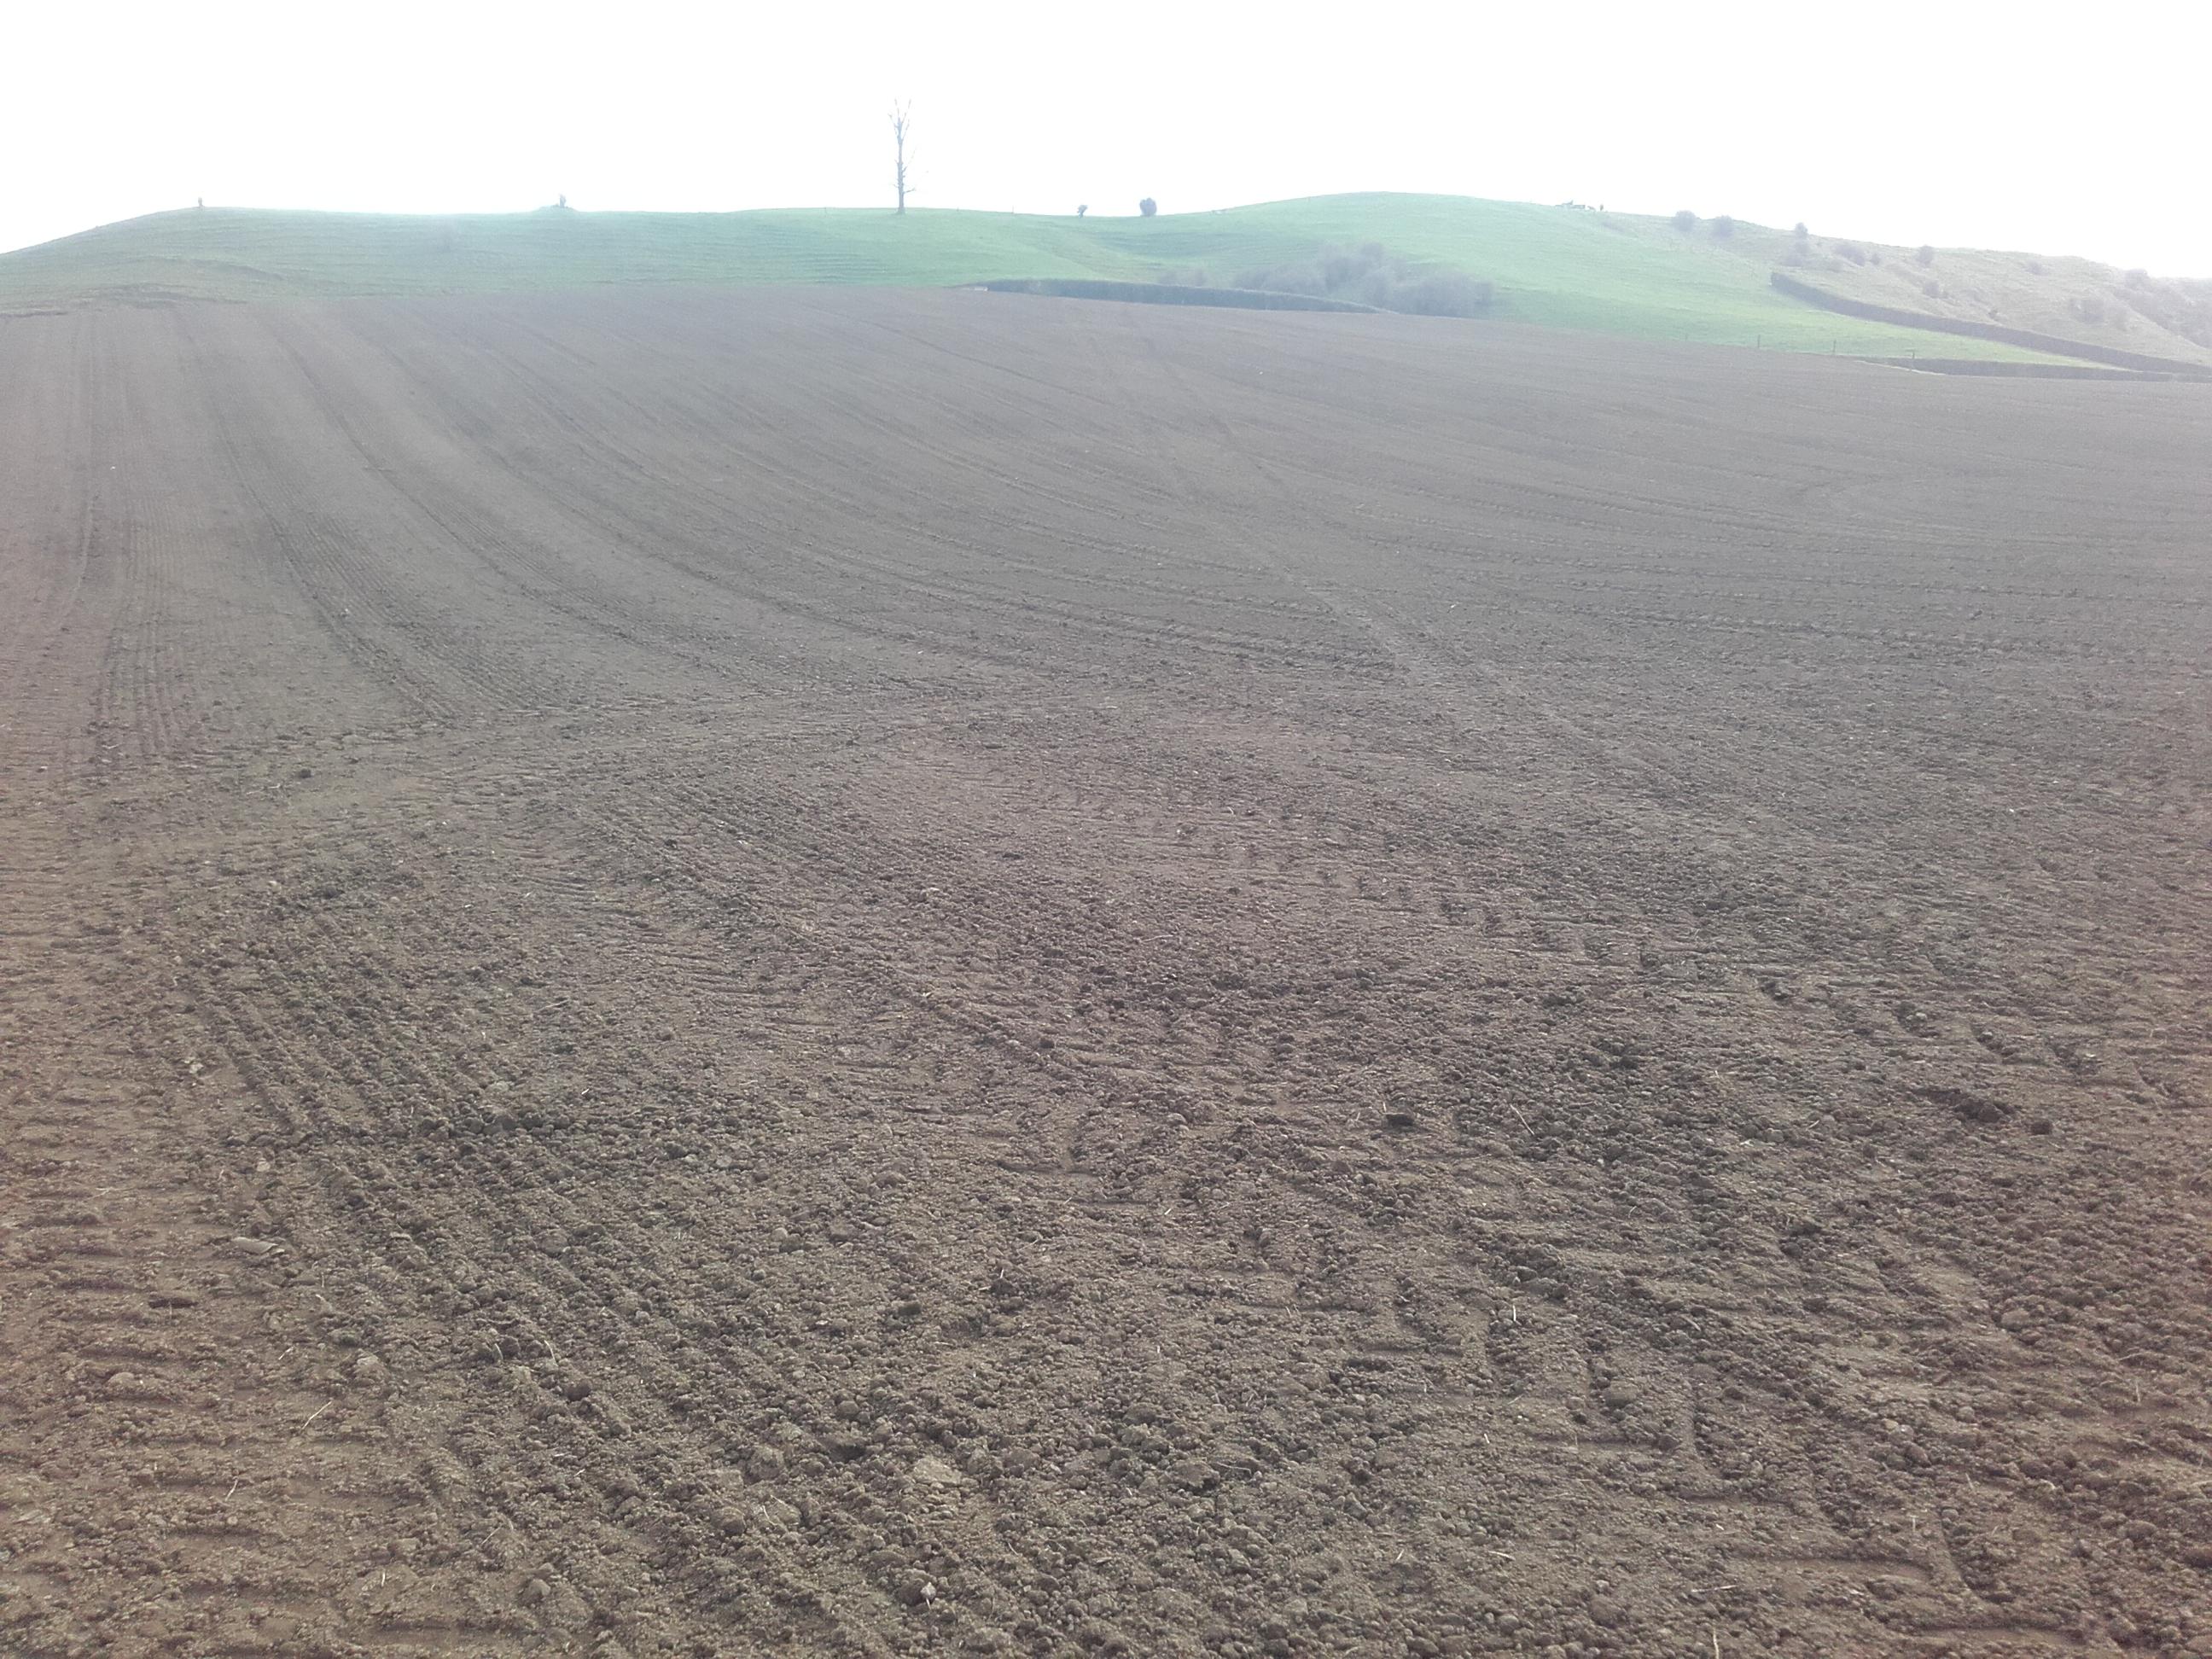 JVG fodder beet cultivated paddock